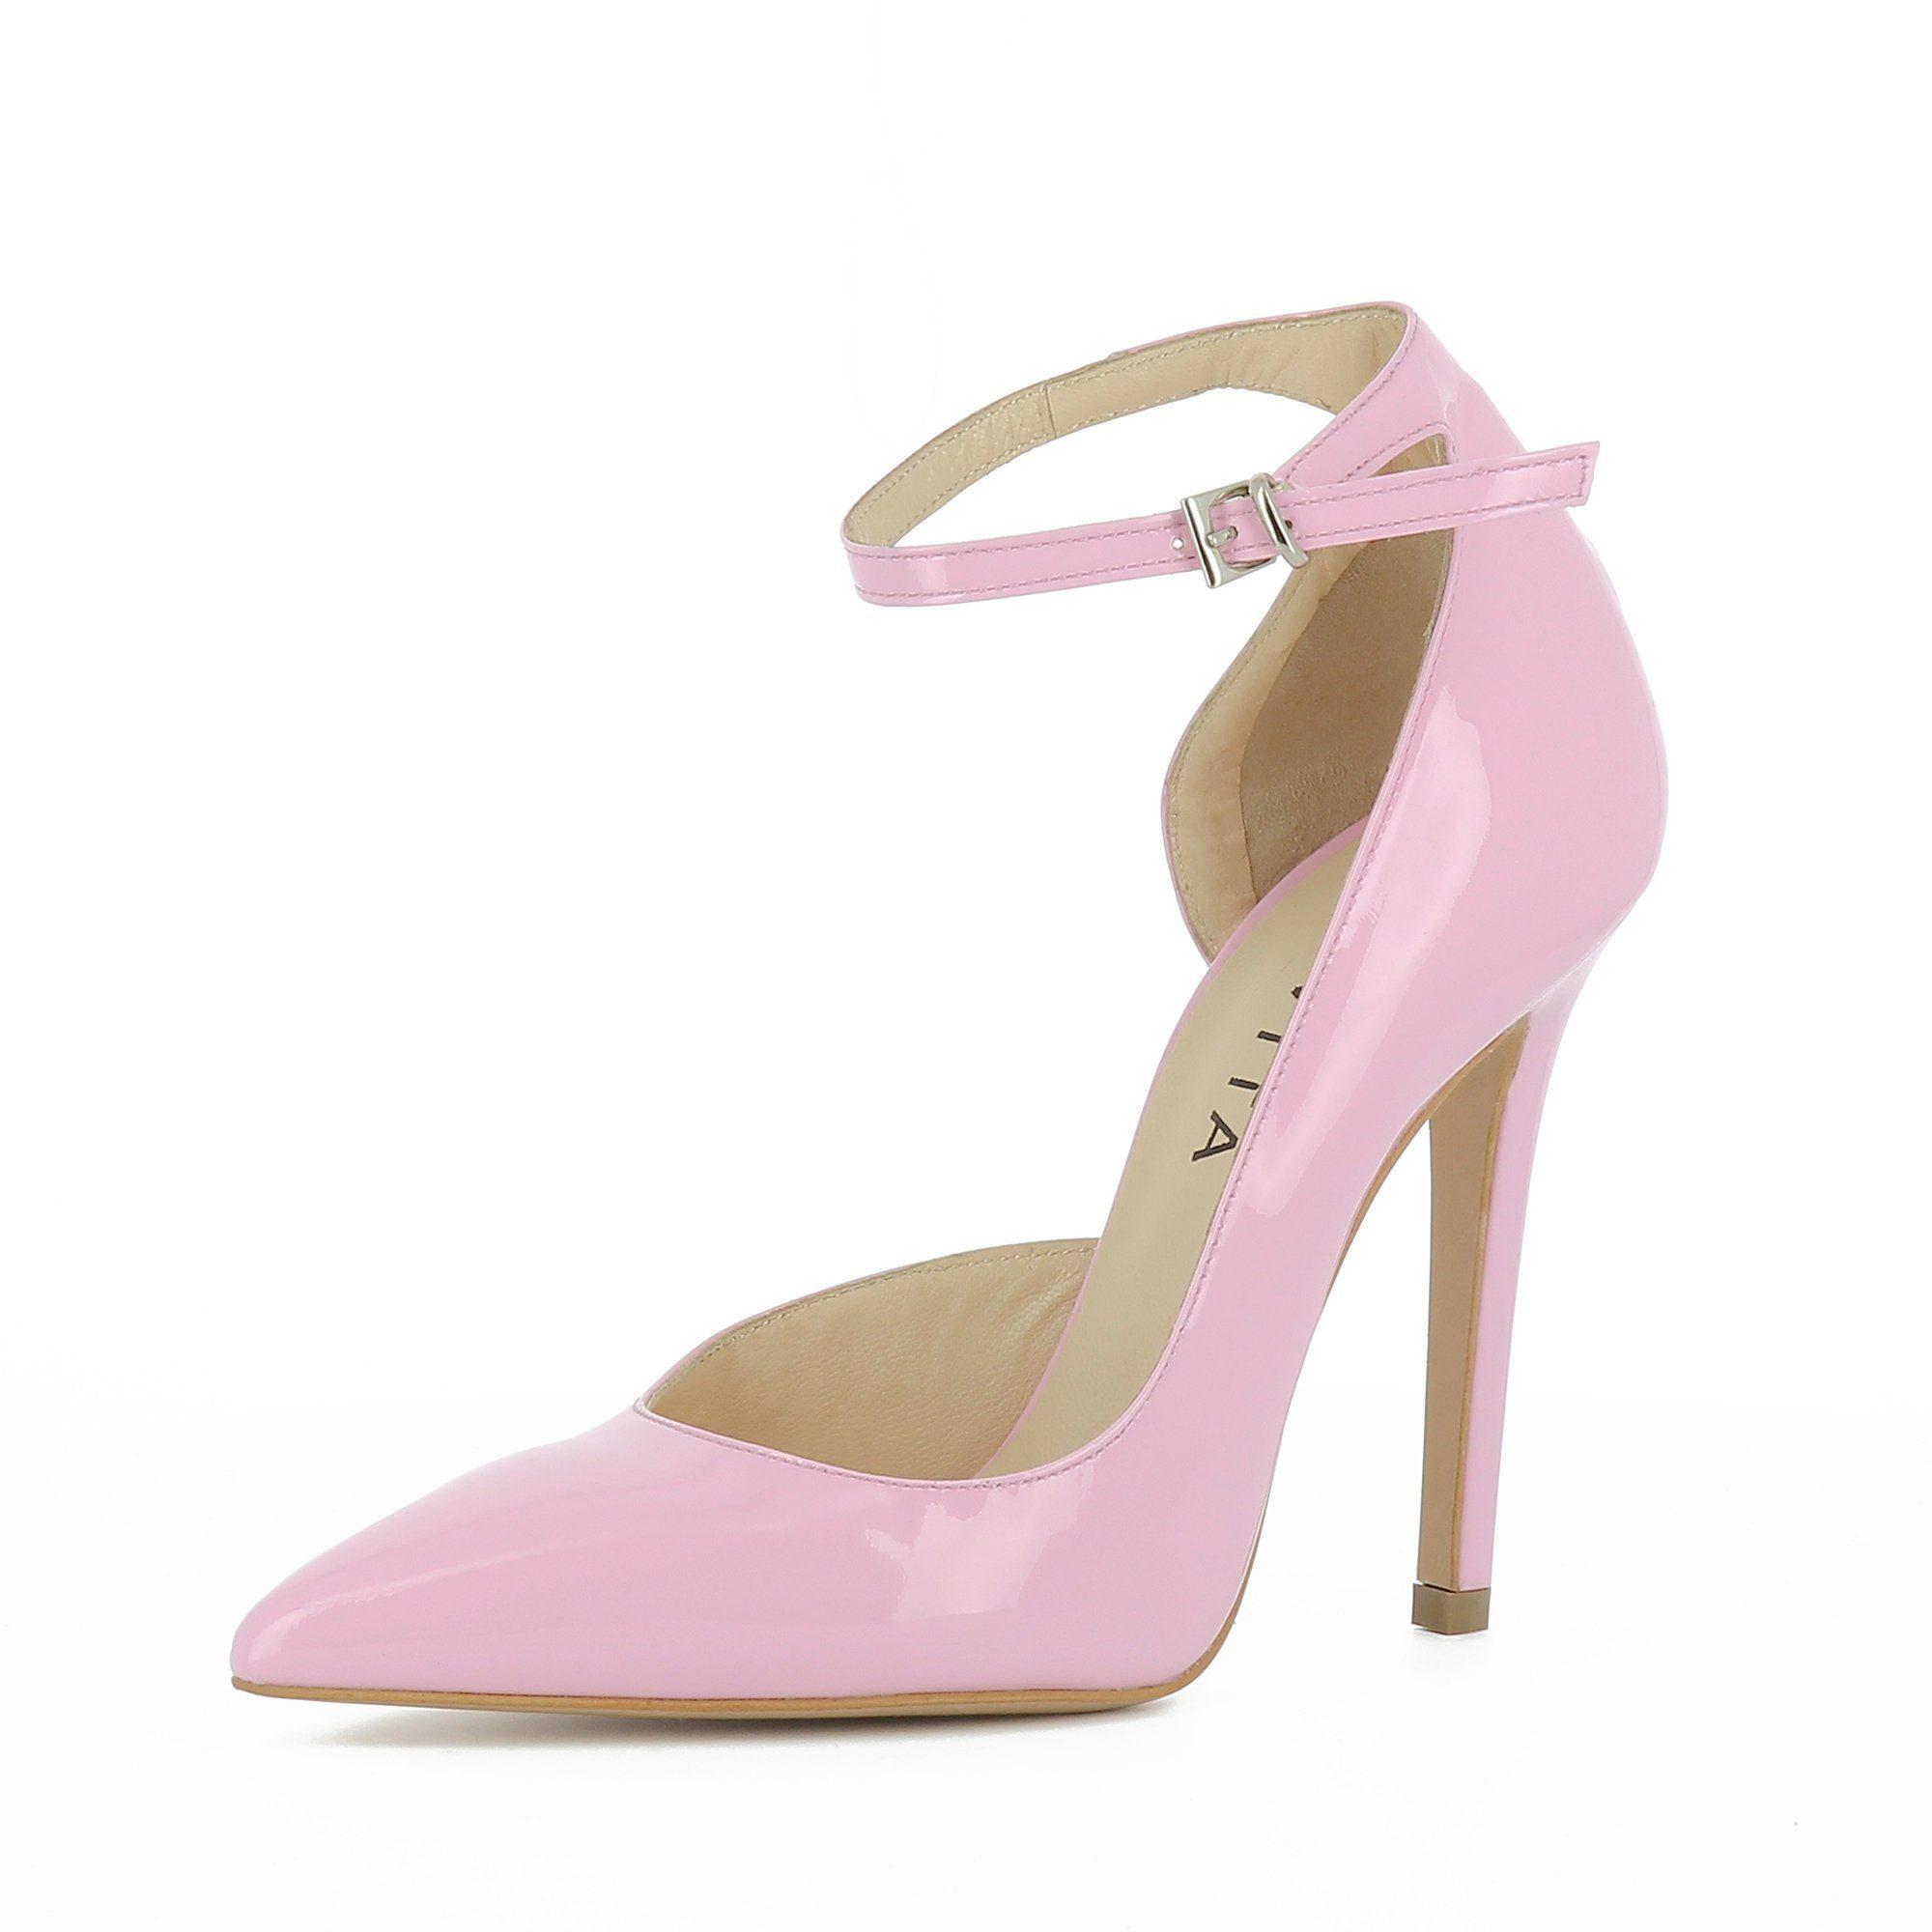 Evita LISA Riemchensandalette online kaufen  rosa